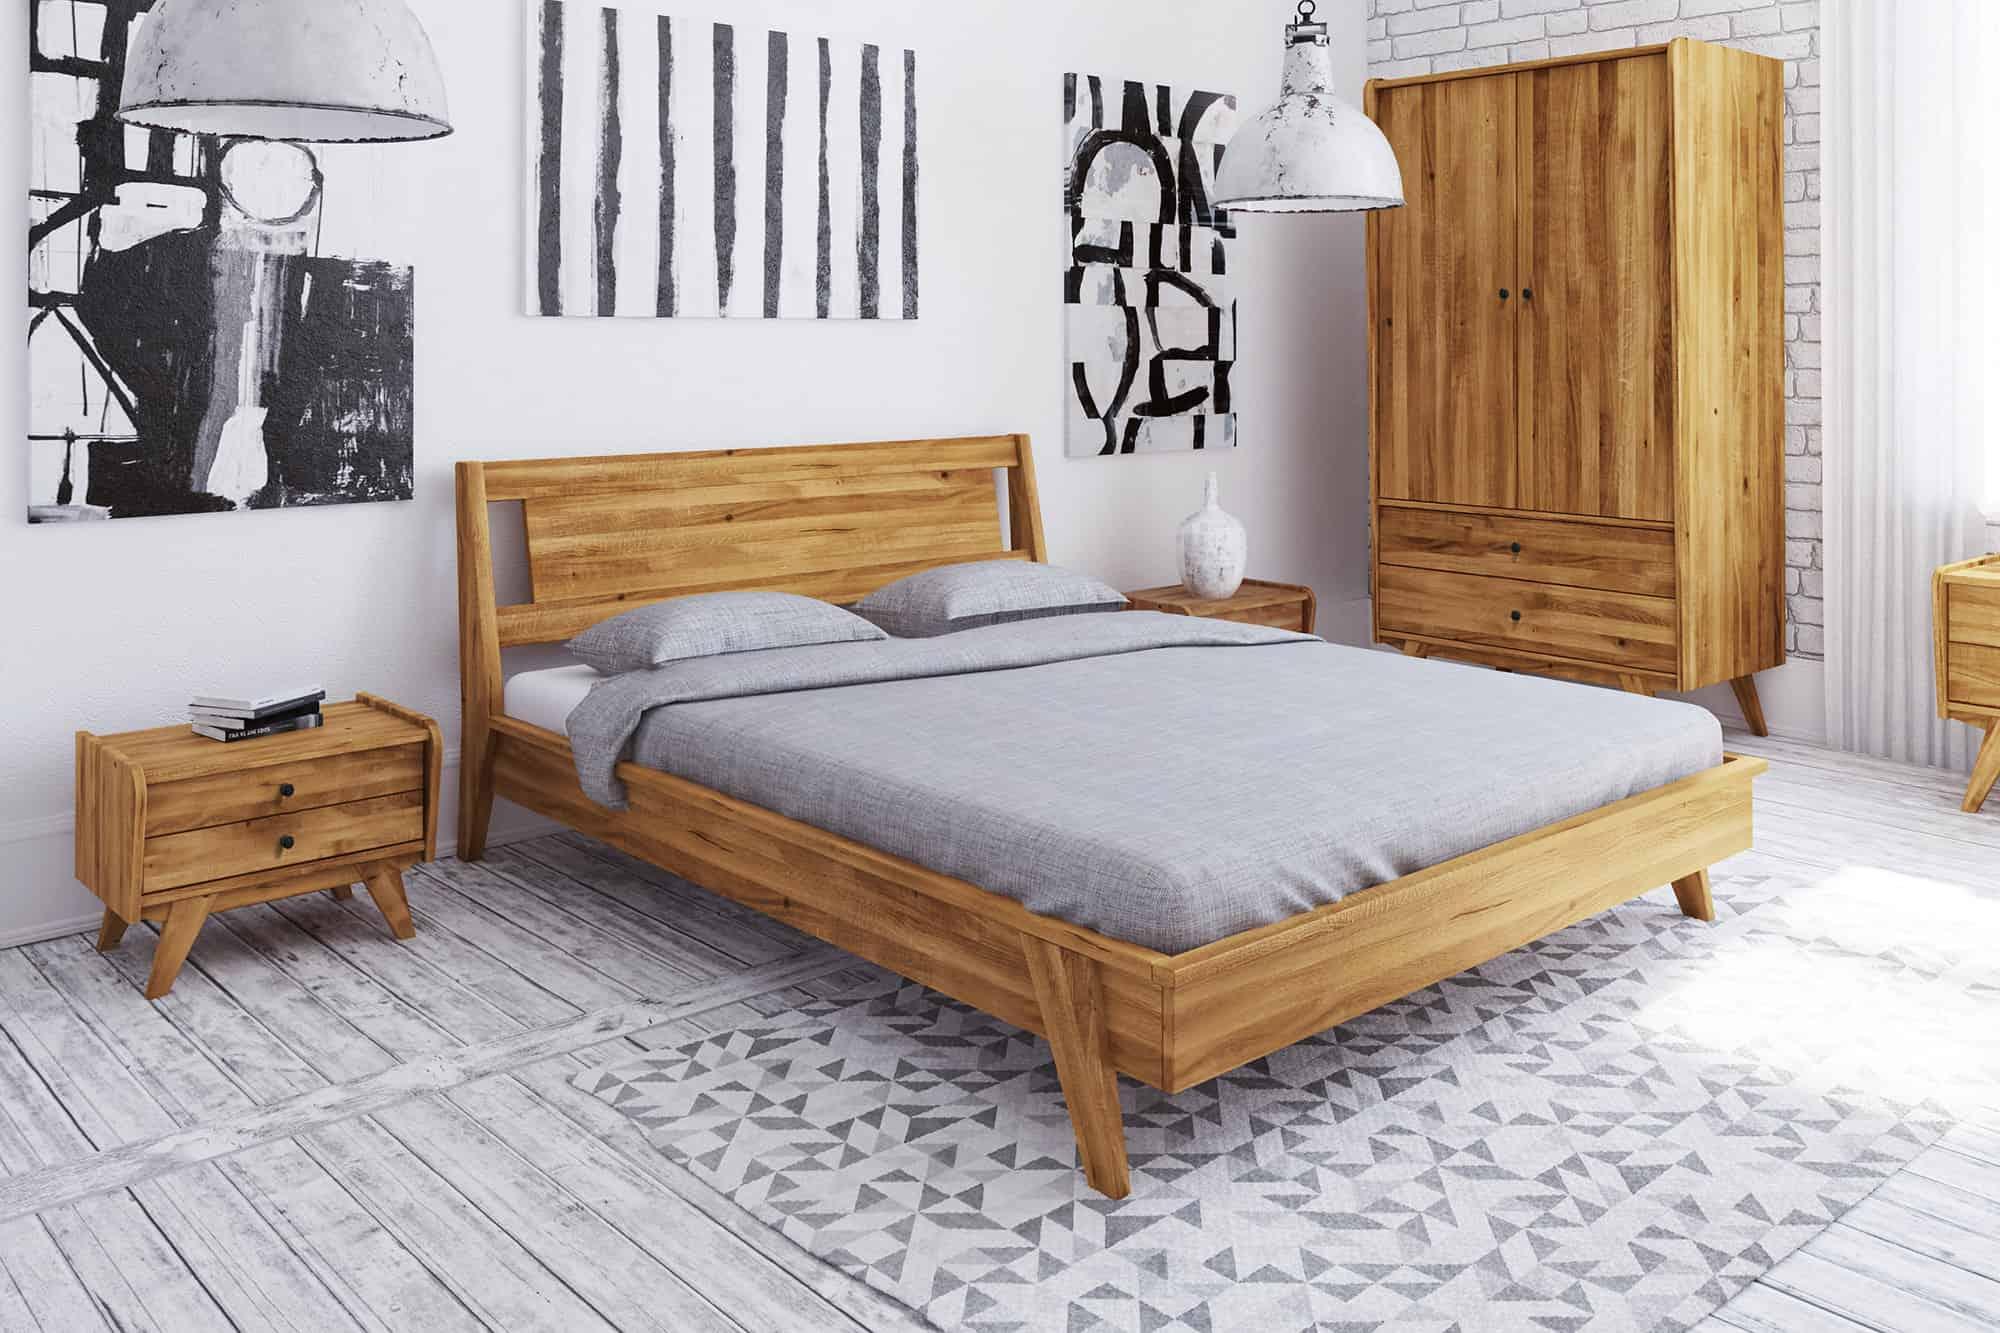 Zdjęcie 4 - RETRO - Kolekcja mebli do sypialni z drewna litego